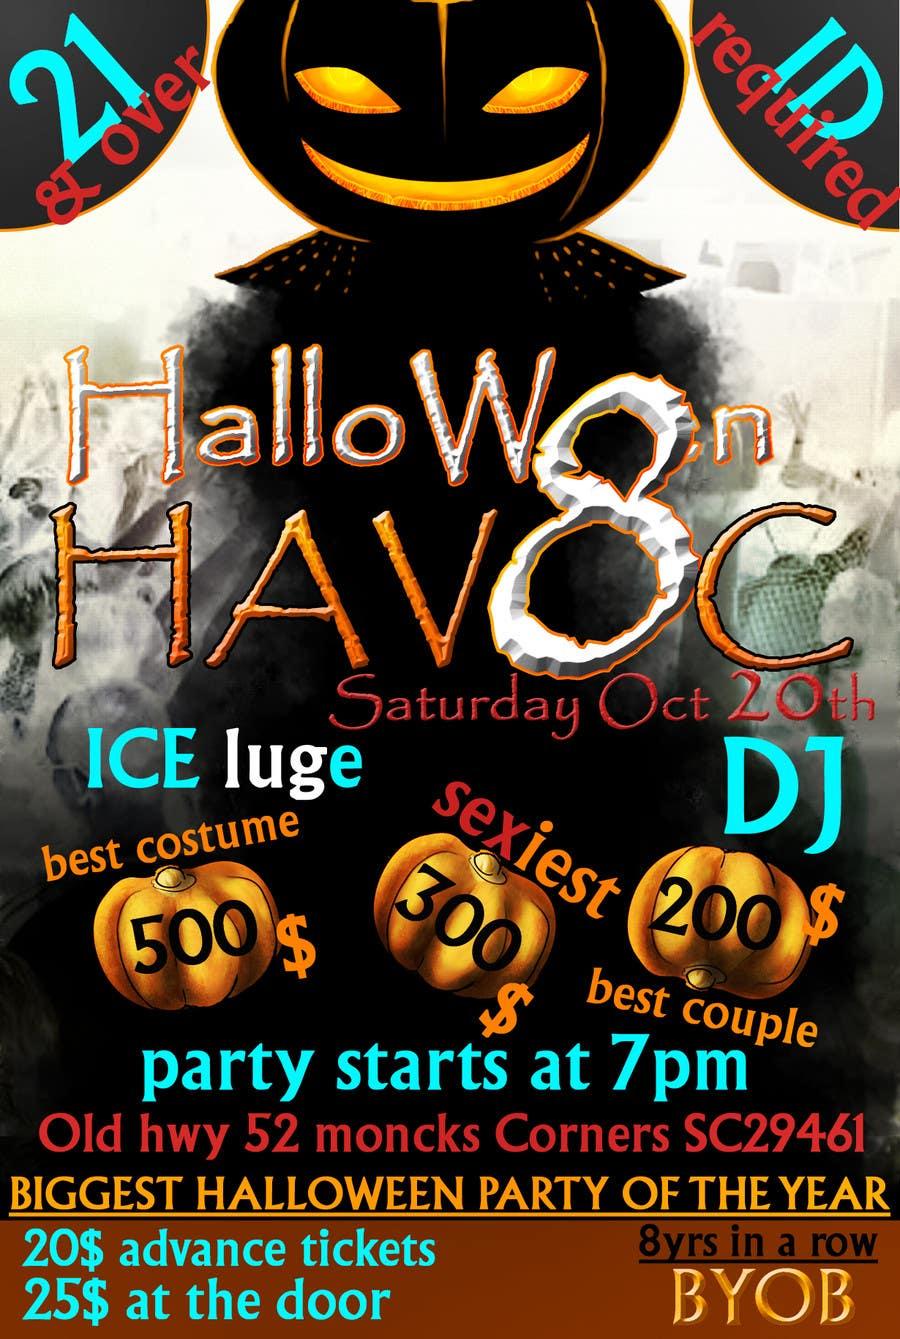 Konkurrenceindlæg #                                        32                                      for                                         Graphic Design for Halloween Havoc 8